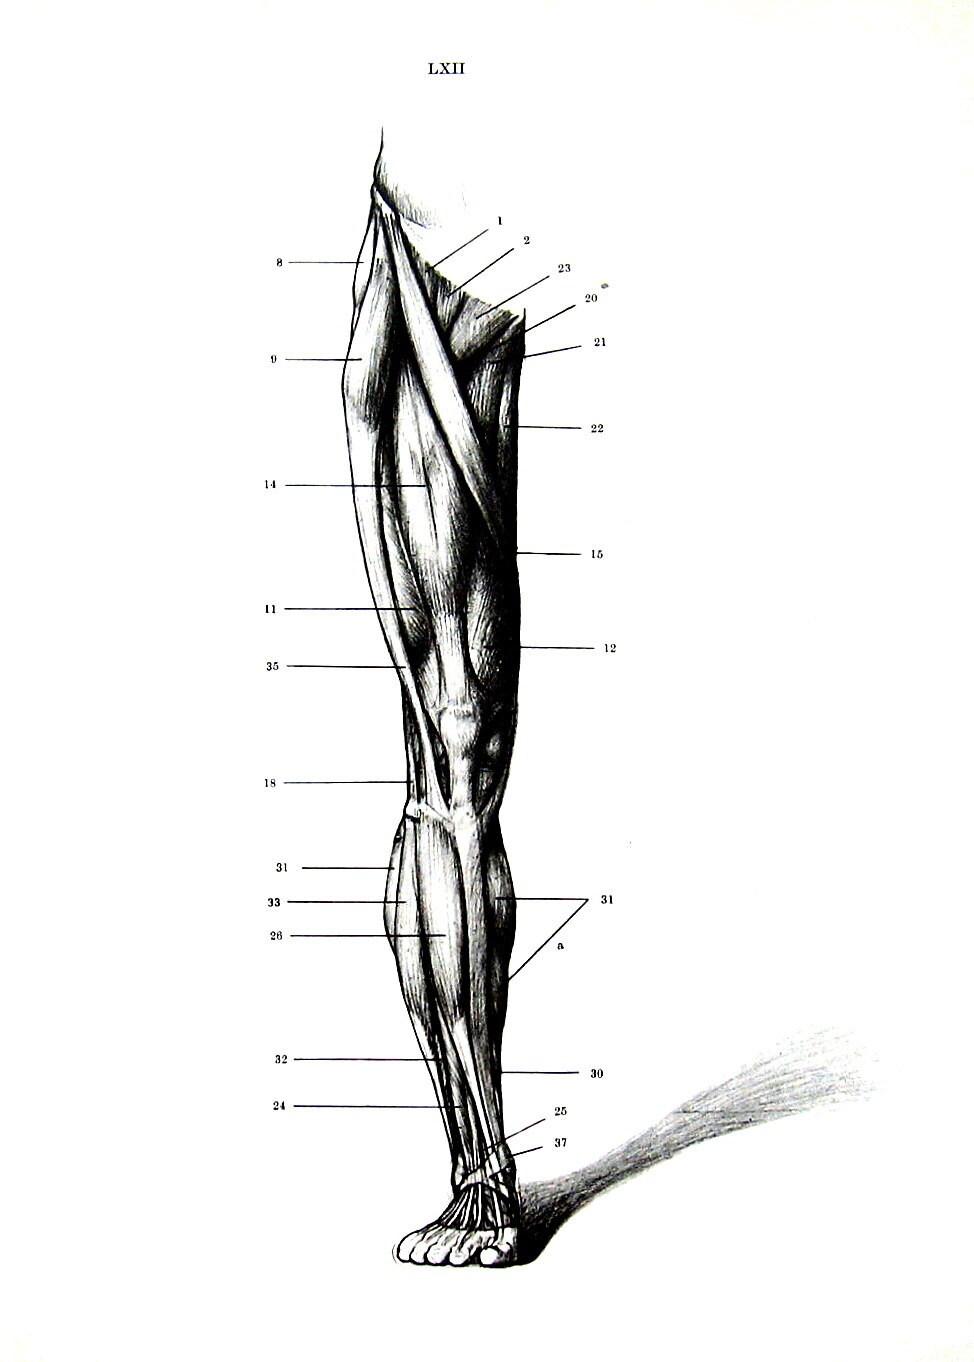 Anatomía humana músculos de la pierna anatomía Vintage